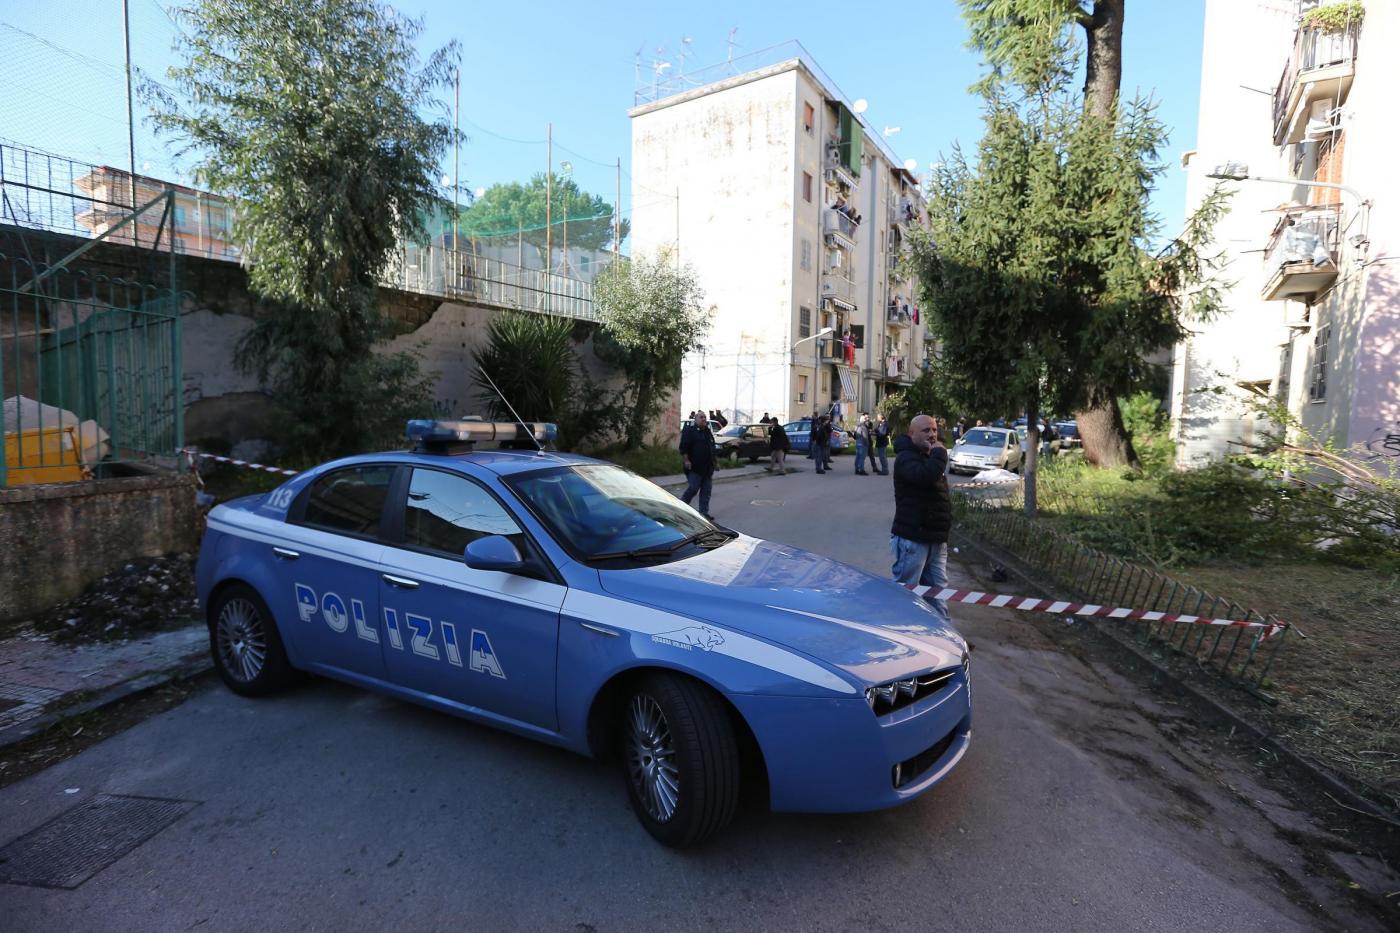 Polizia italiana tra divise patacca e appalti opachi, la denuncia dell'Anticorruzione